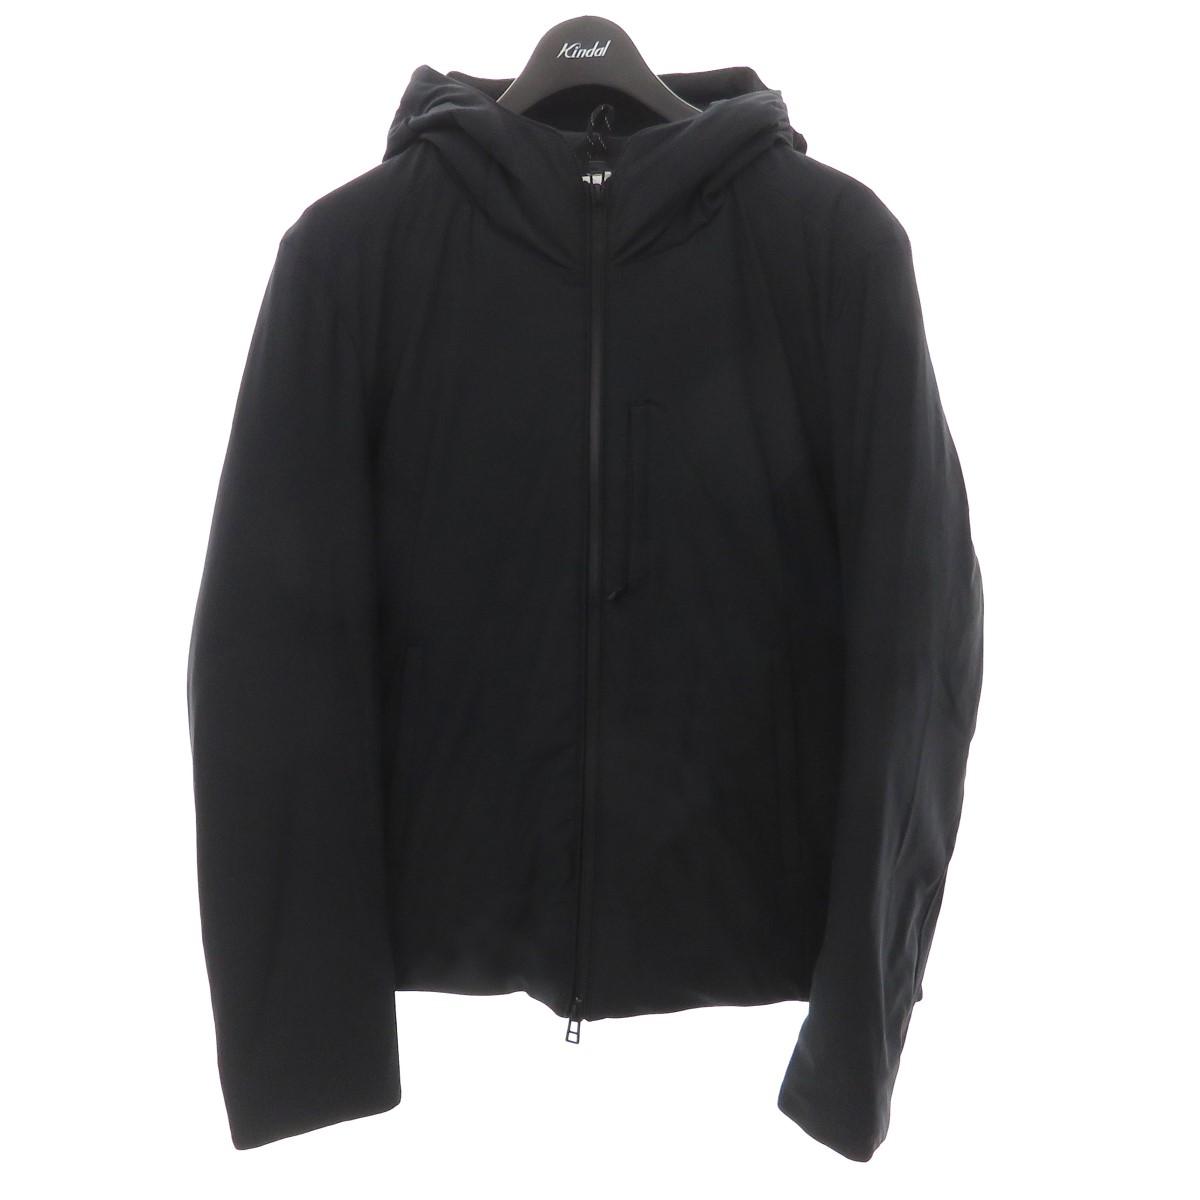 ブランド品専門の 【】MONSIEUR NICOLE ストレッチダウンジャケット ブラック サイズ:48 【131120】(ムッシュ二コル), 最適な材料 9d27c0bb